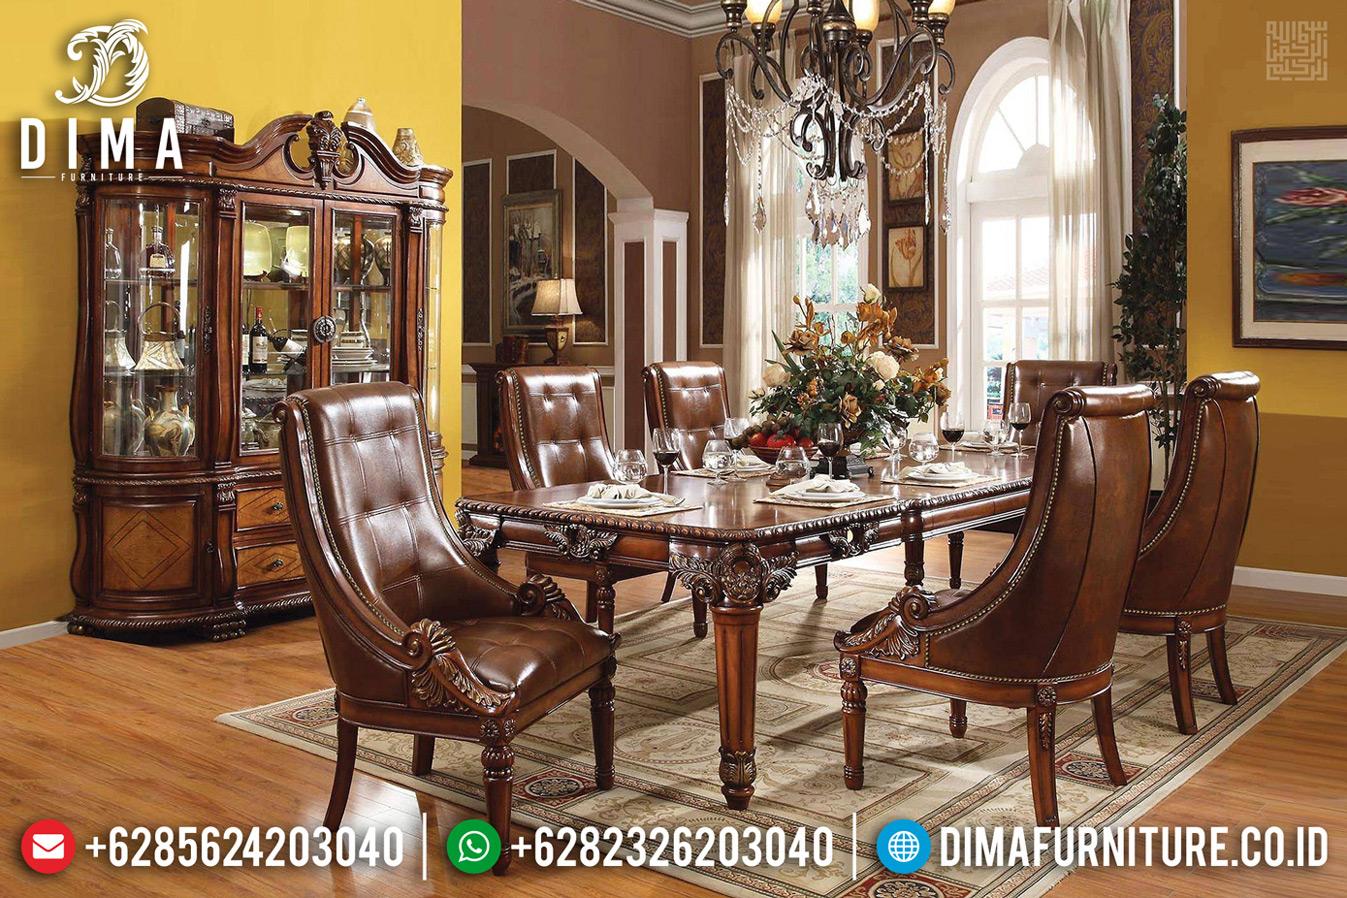 Set Meja Makan 6 Kursi Klasik Natural Jati Perhutani Furniture Jepara TTJ-0698